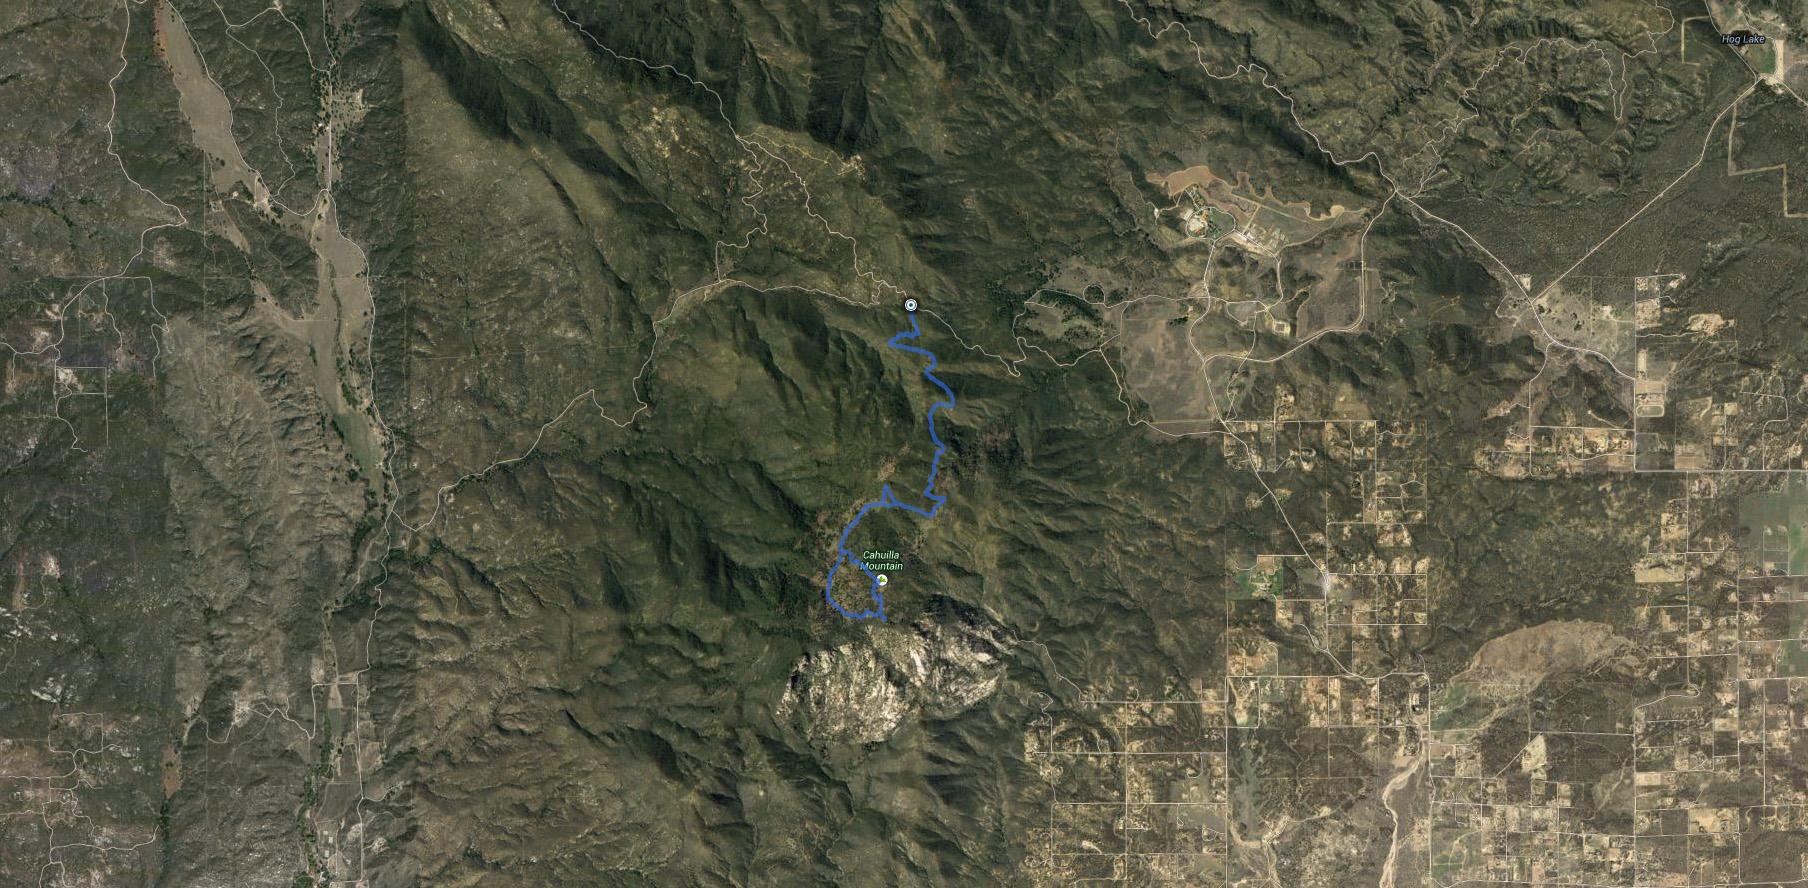 2014-03-12-CahuillaCahuillaBMGPS